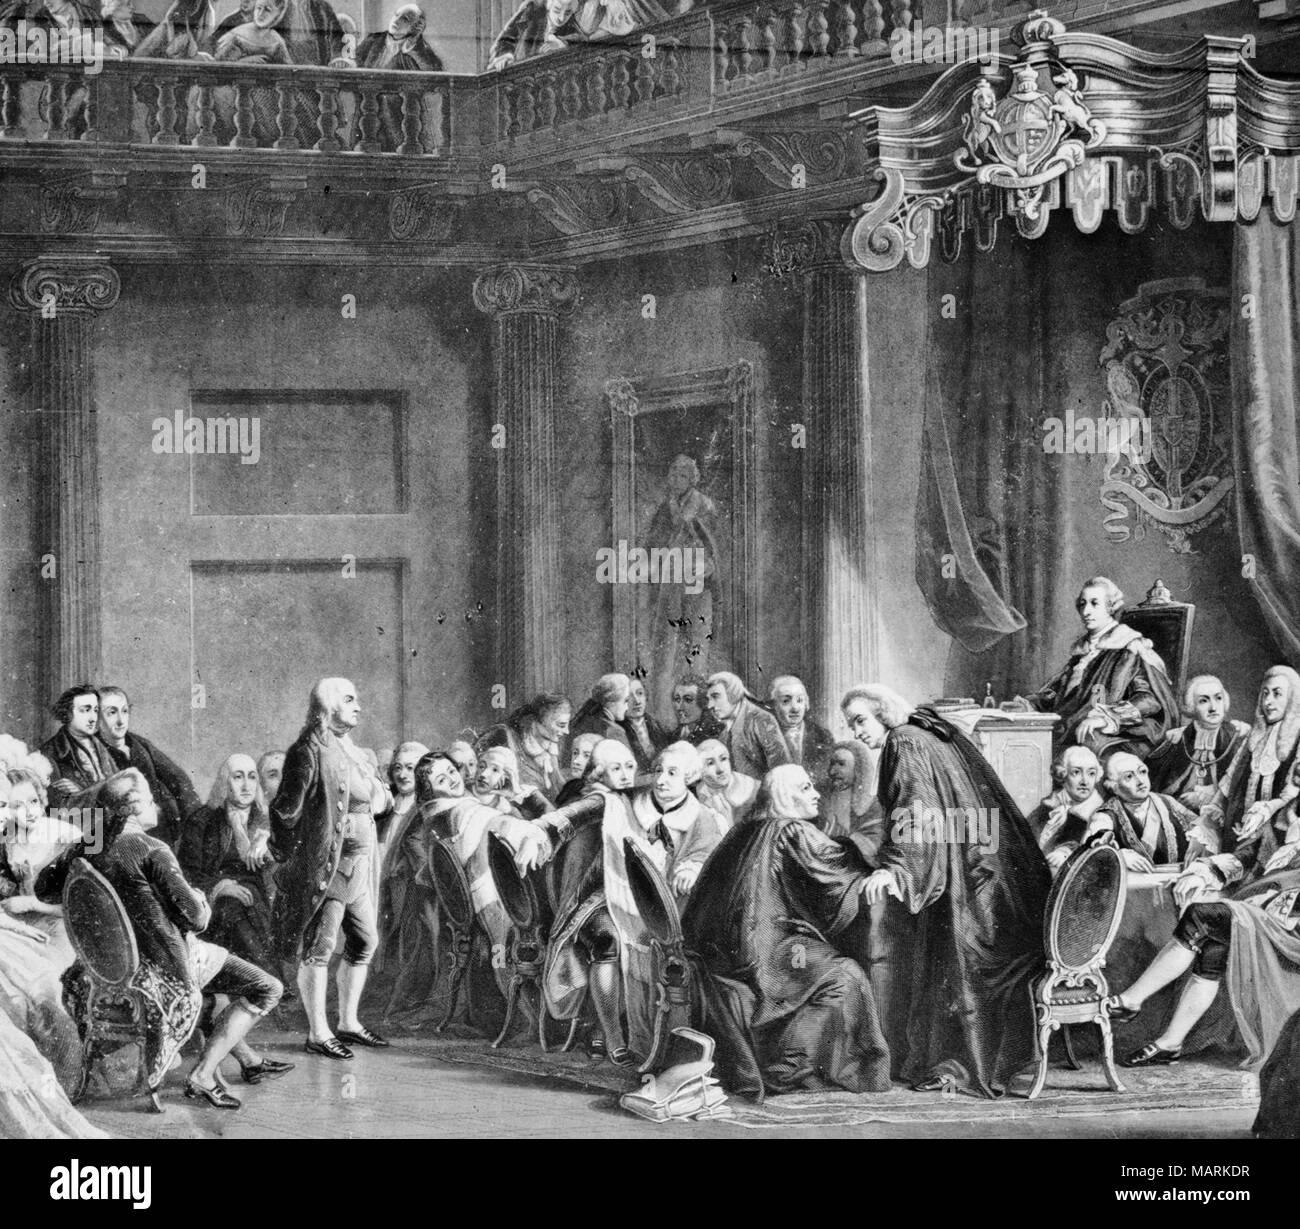 Benjamin Franklin am Hof von St. James; Bild zeigt die Sitzung des Privy Council, in dem Franklin für seine Rolle in der Hutchinson Buchstaben Affäre 1774 harangued ist. Franklin verlässt England nicht nach langen, der amerikanischen Unabhängigkeit. Stockbild